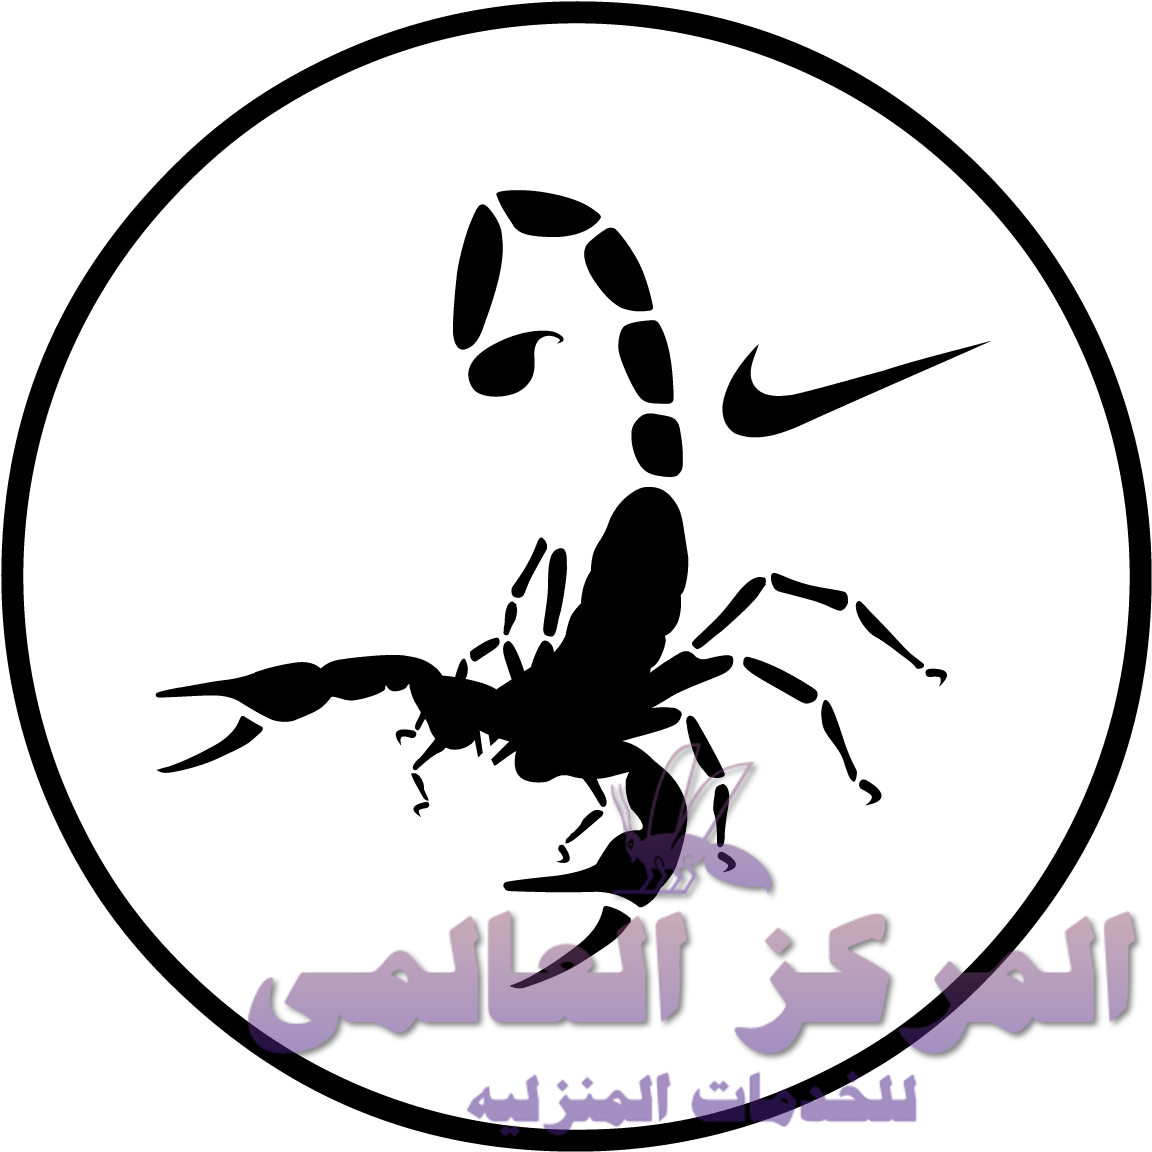 Photo of افضل شركة مكافحة حشرات شرق الرياض